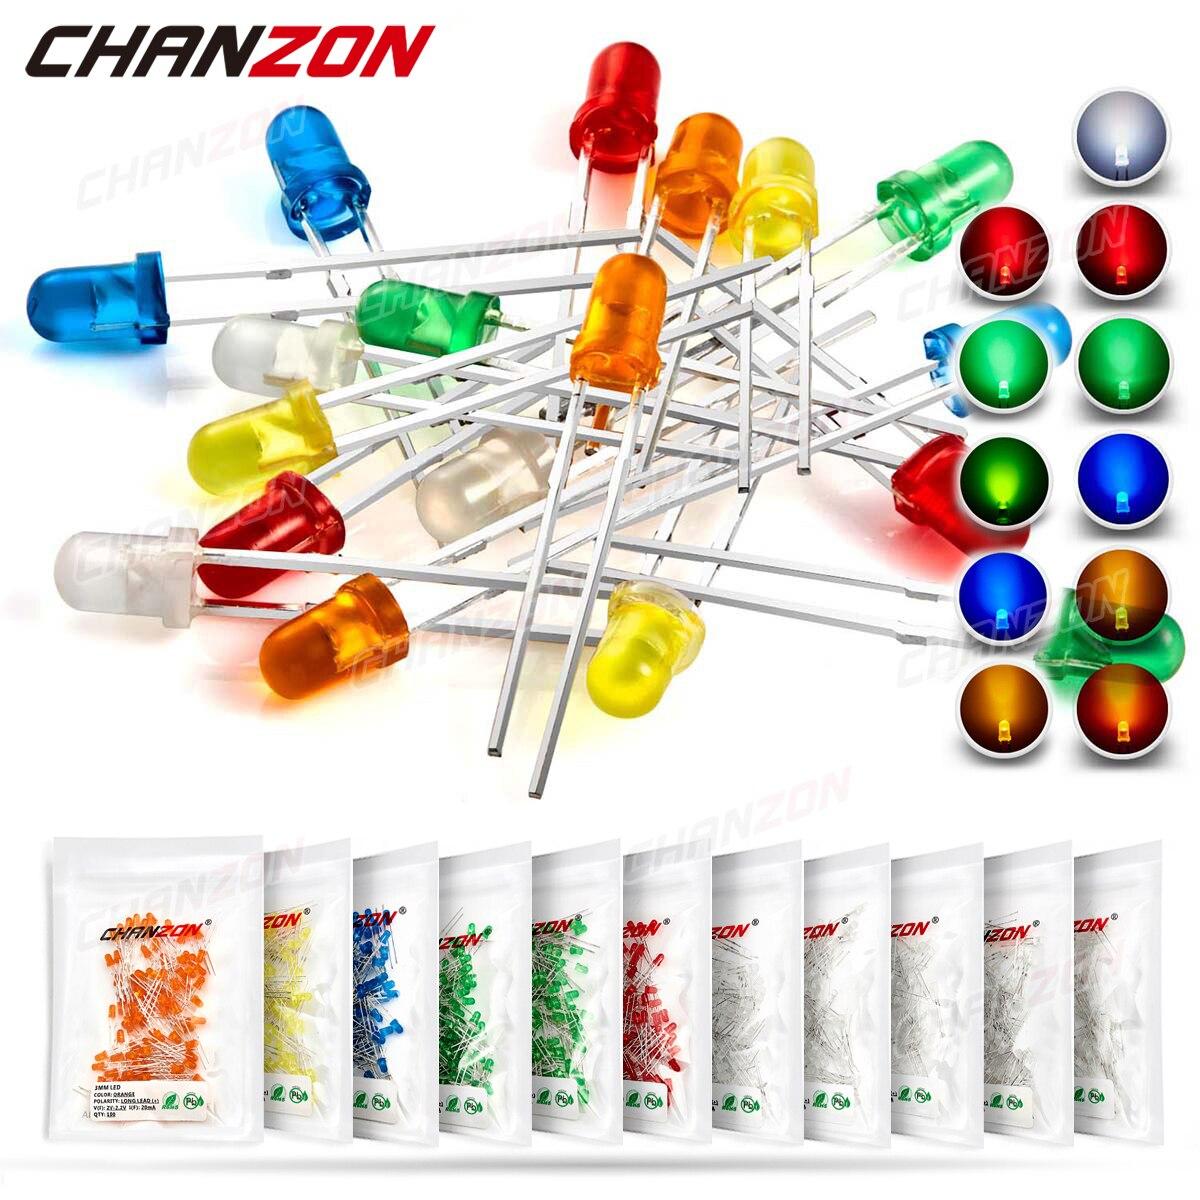 3 мм рассеянные светодиодные диоды в комплекте, лампа, голубое излучение, микро-белый, красный, синий, зеленый, оранжевый, желтый, 3 в, DIY, набор ...